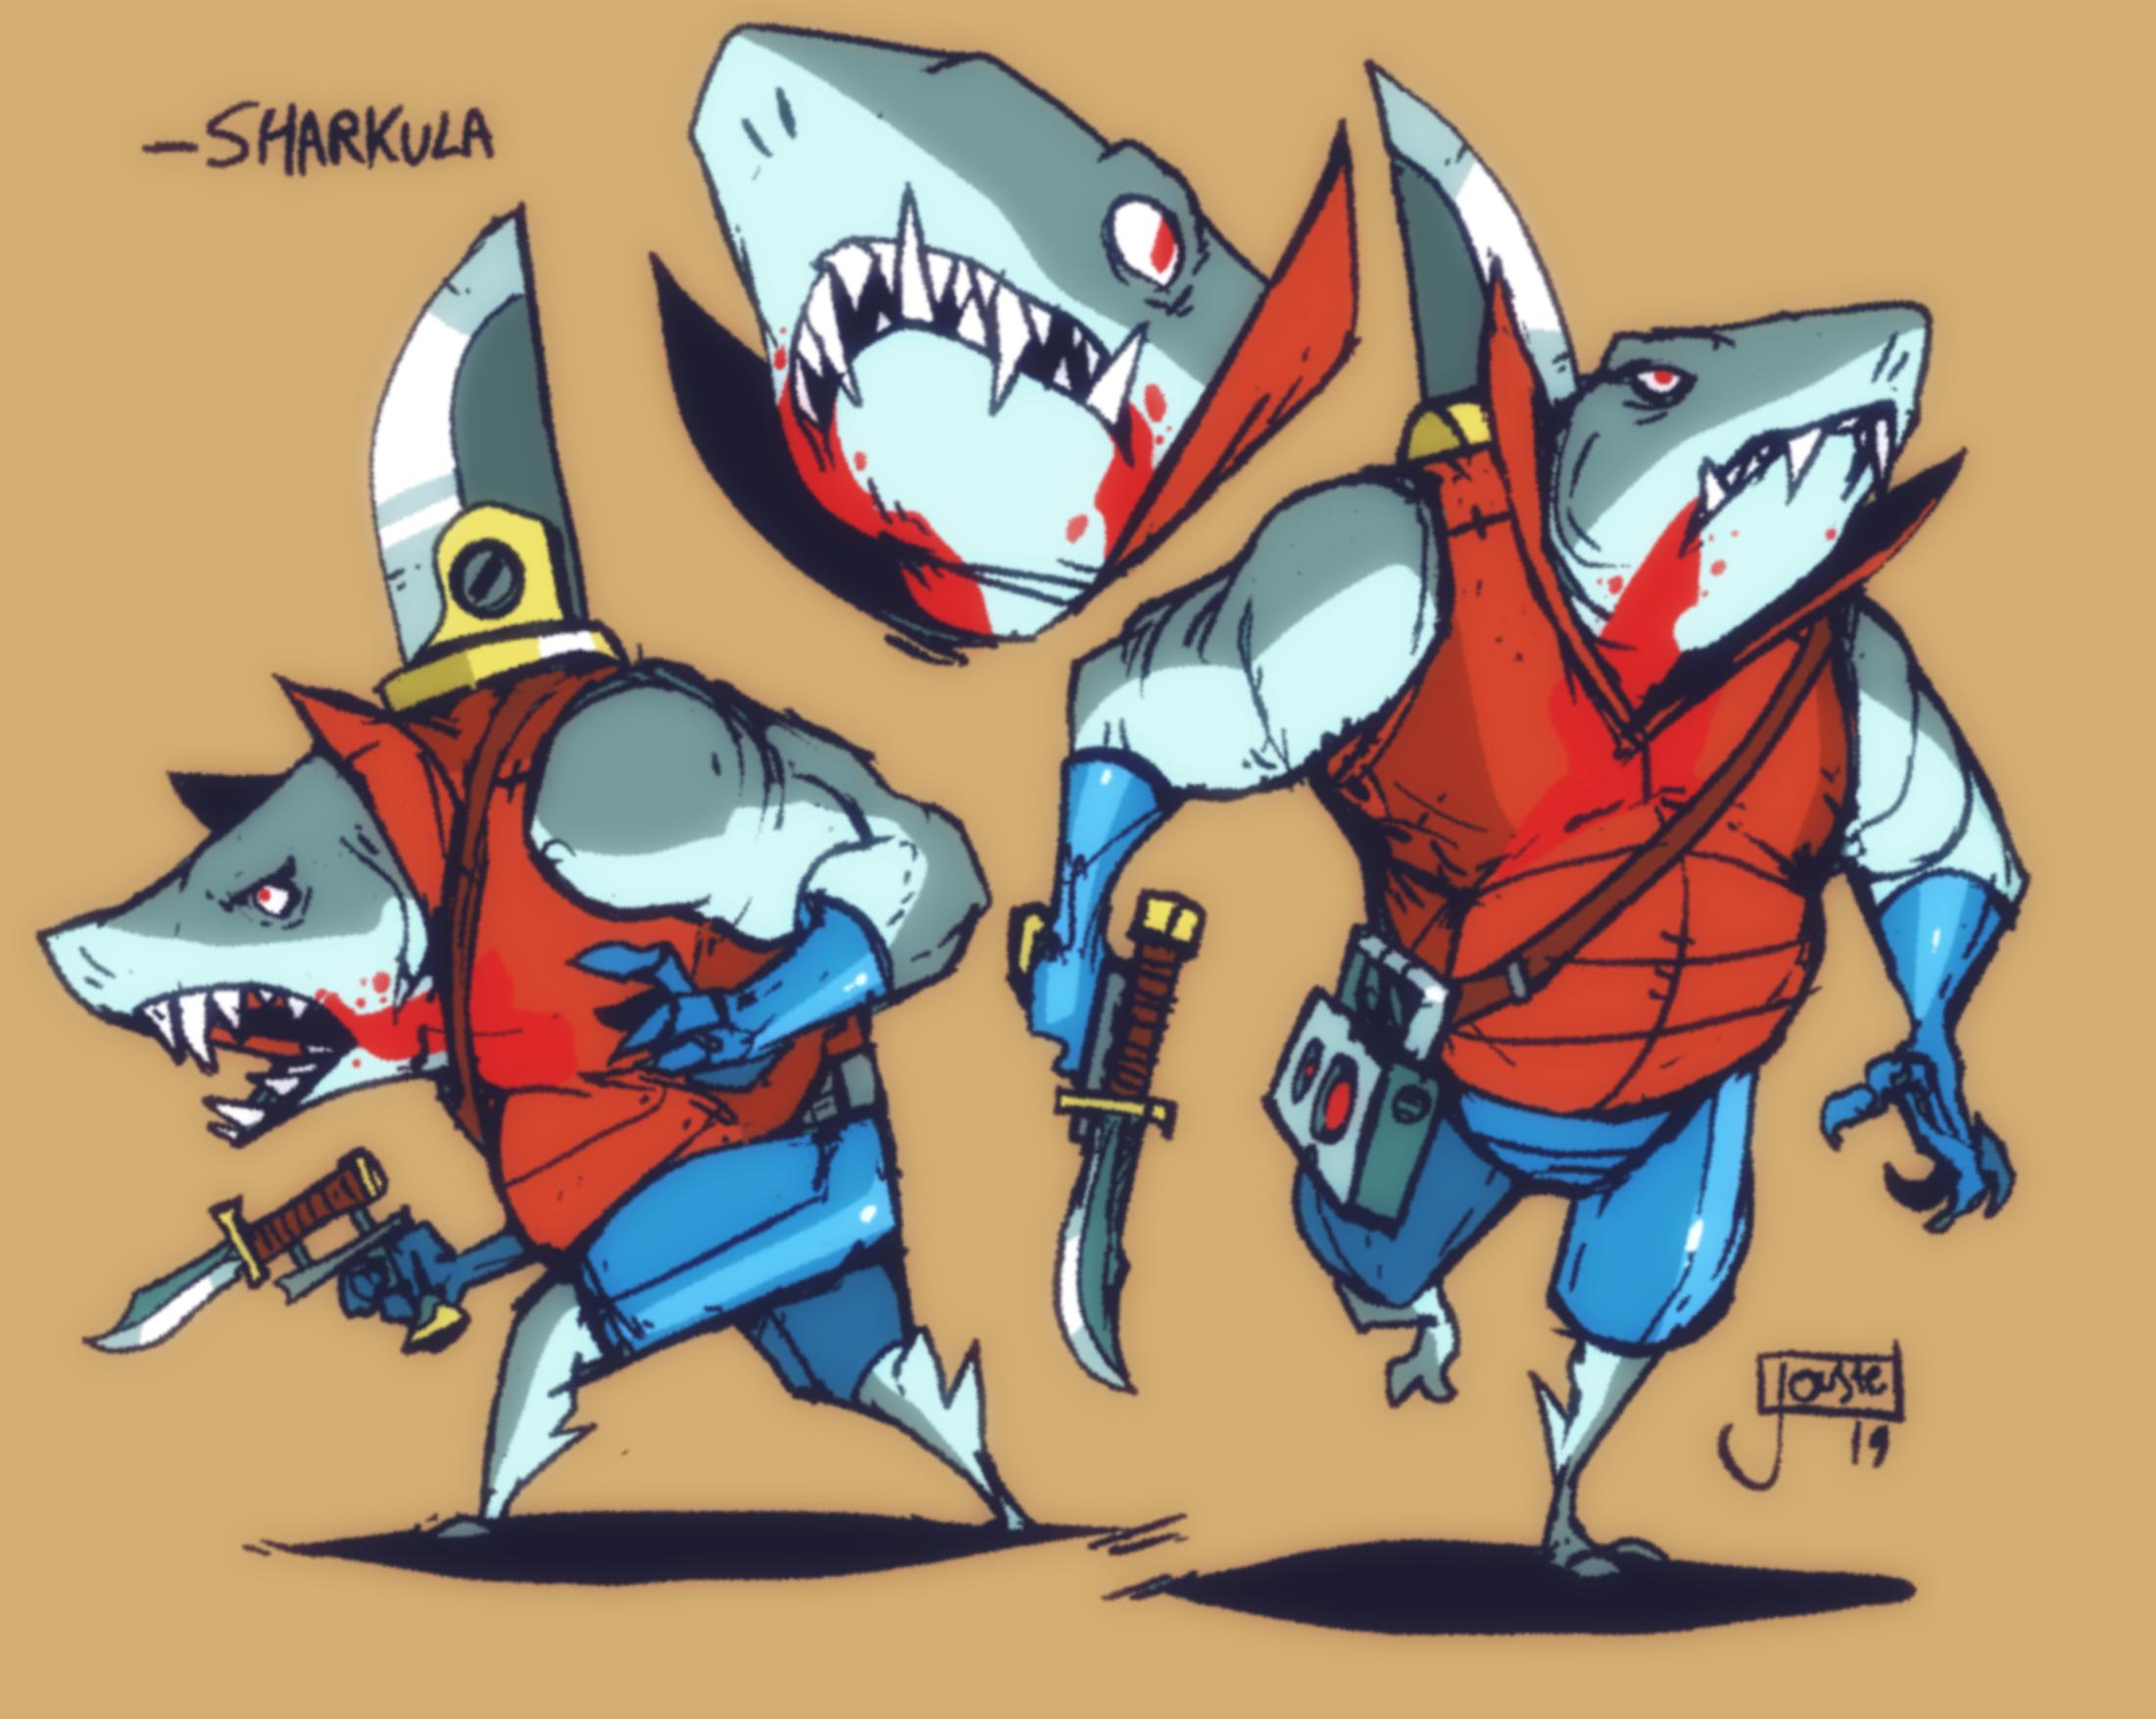 Sharkula